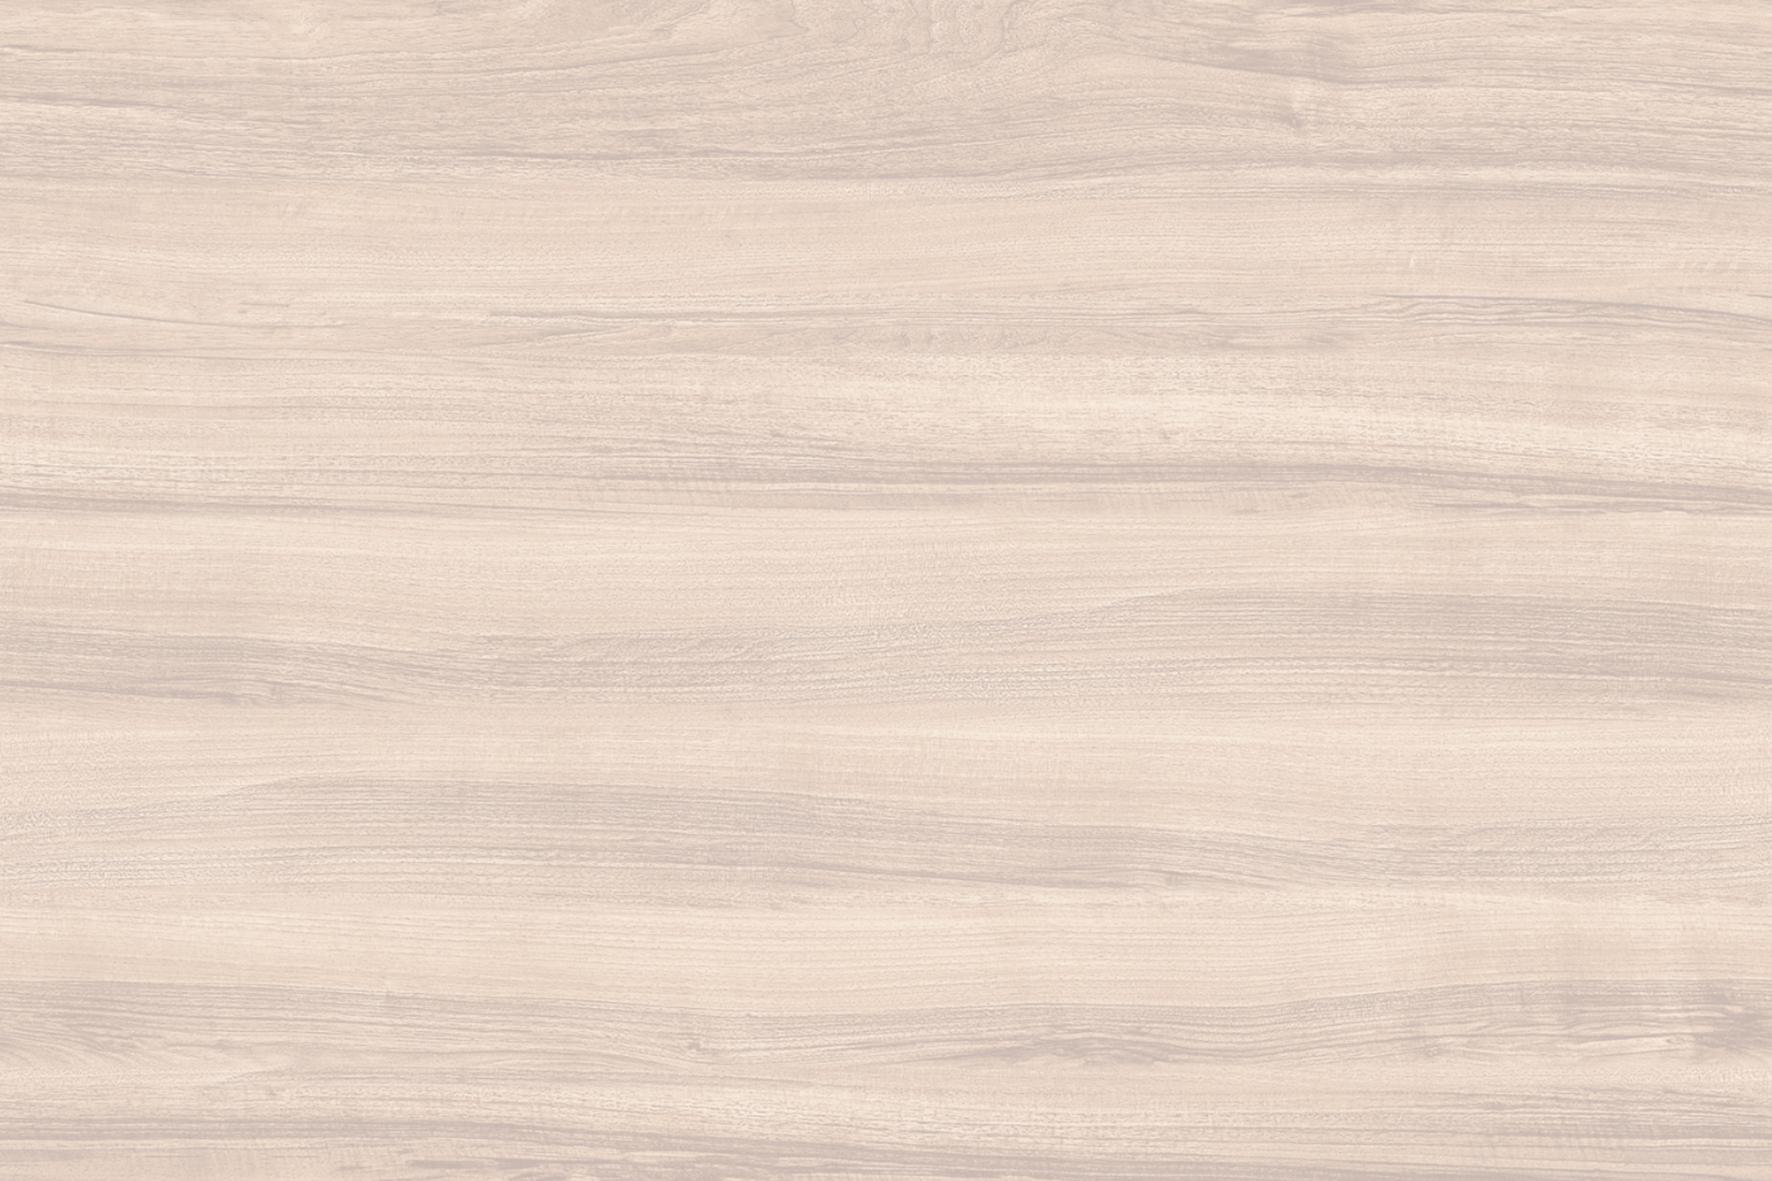 ODG Natural Wood LT